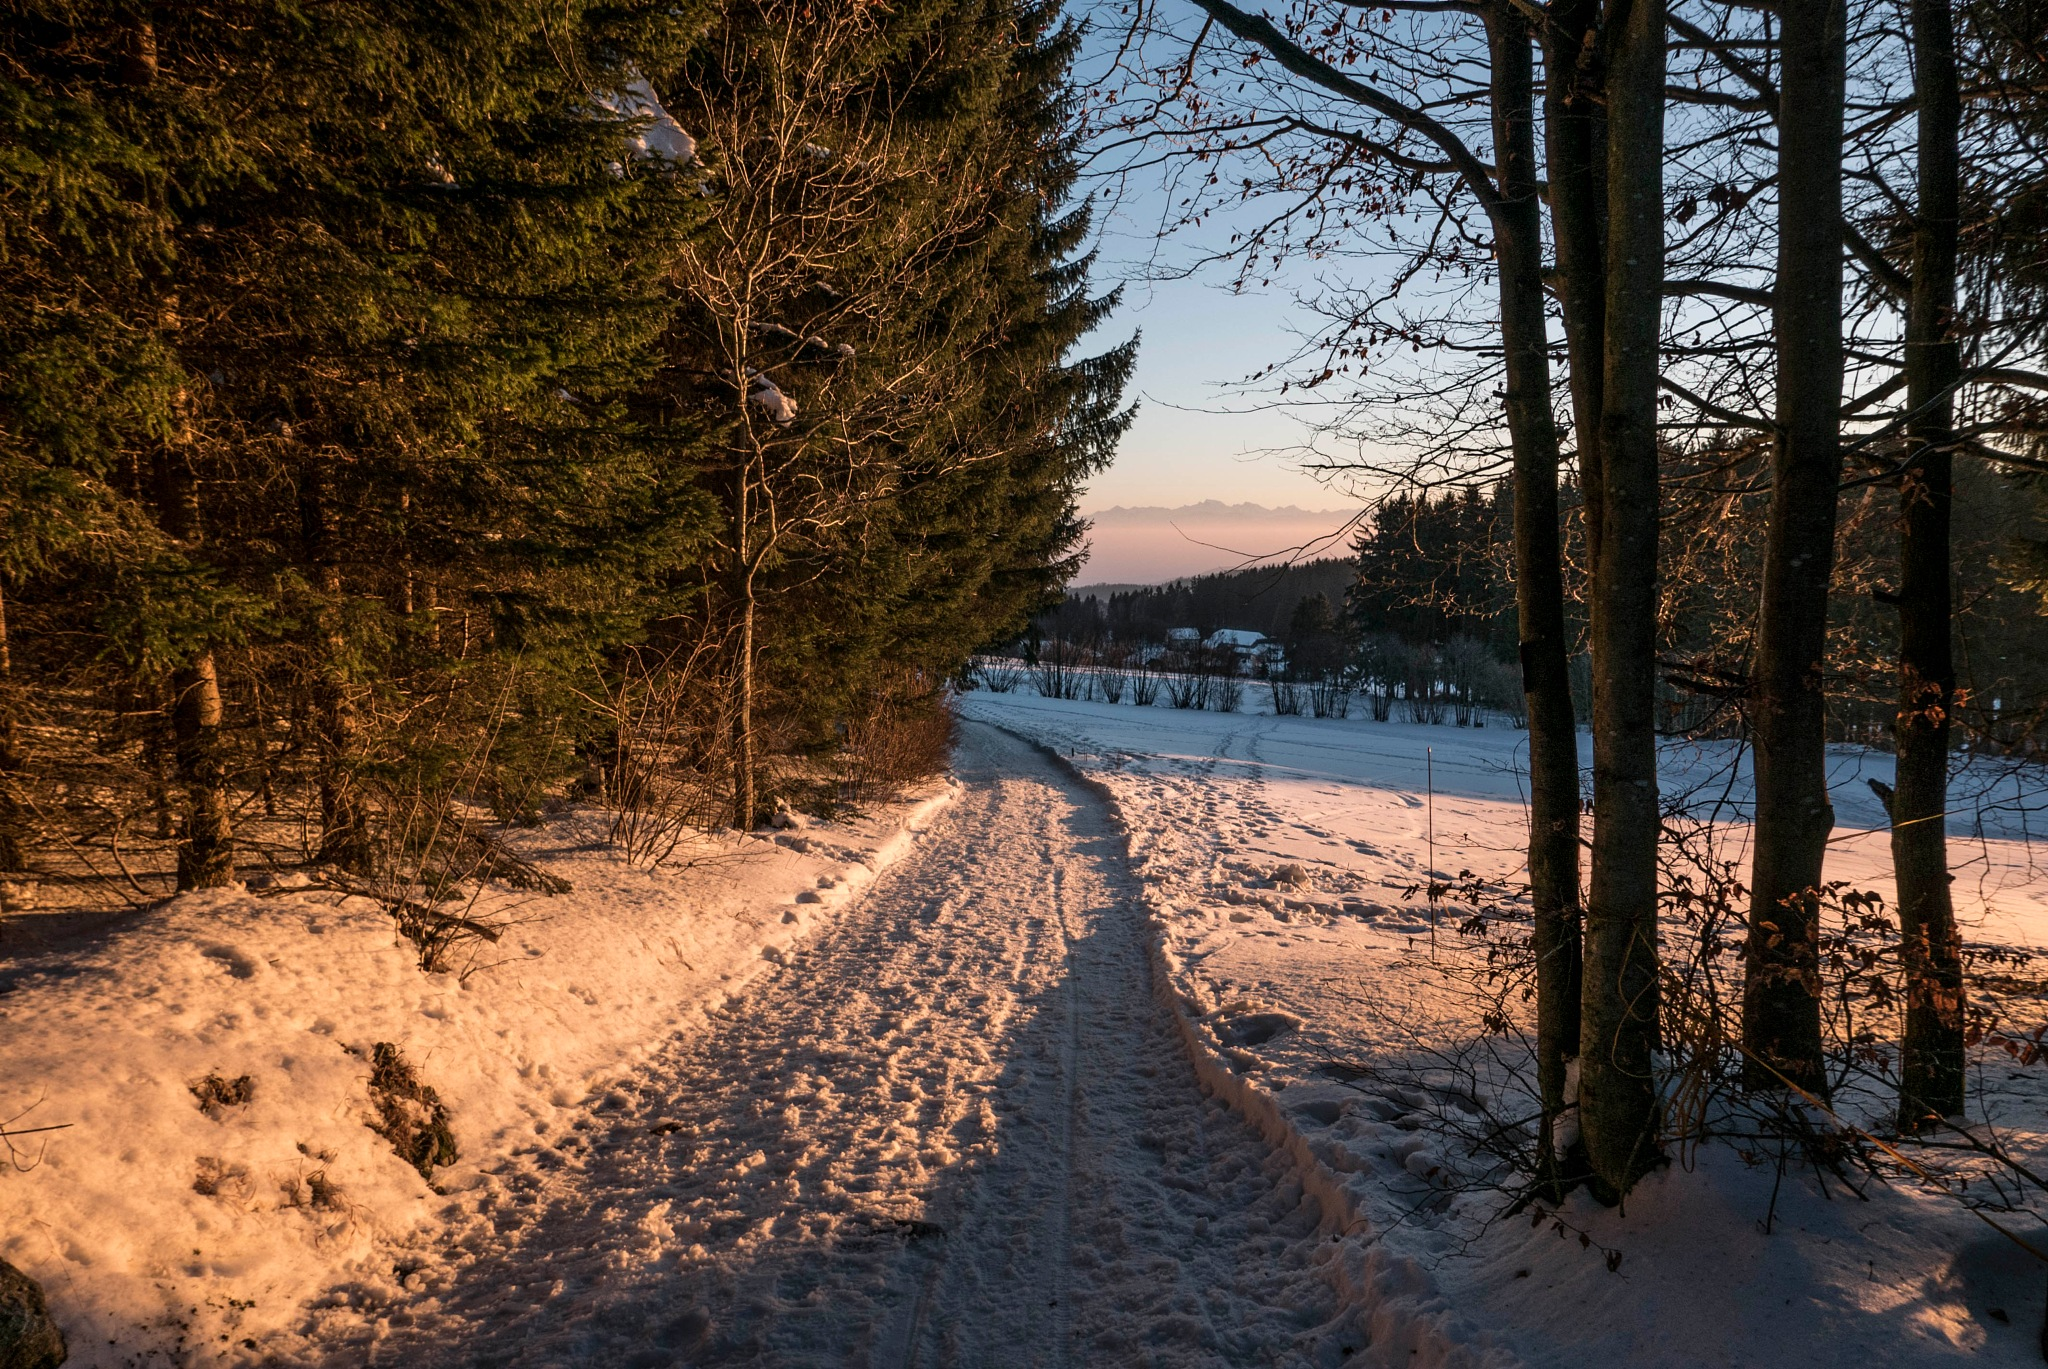 EVENING SUN by Werner Schrotta